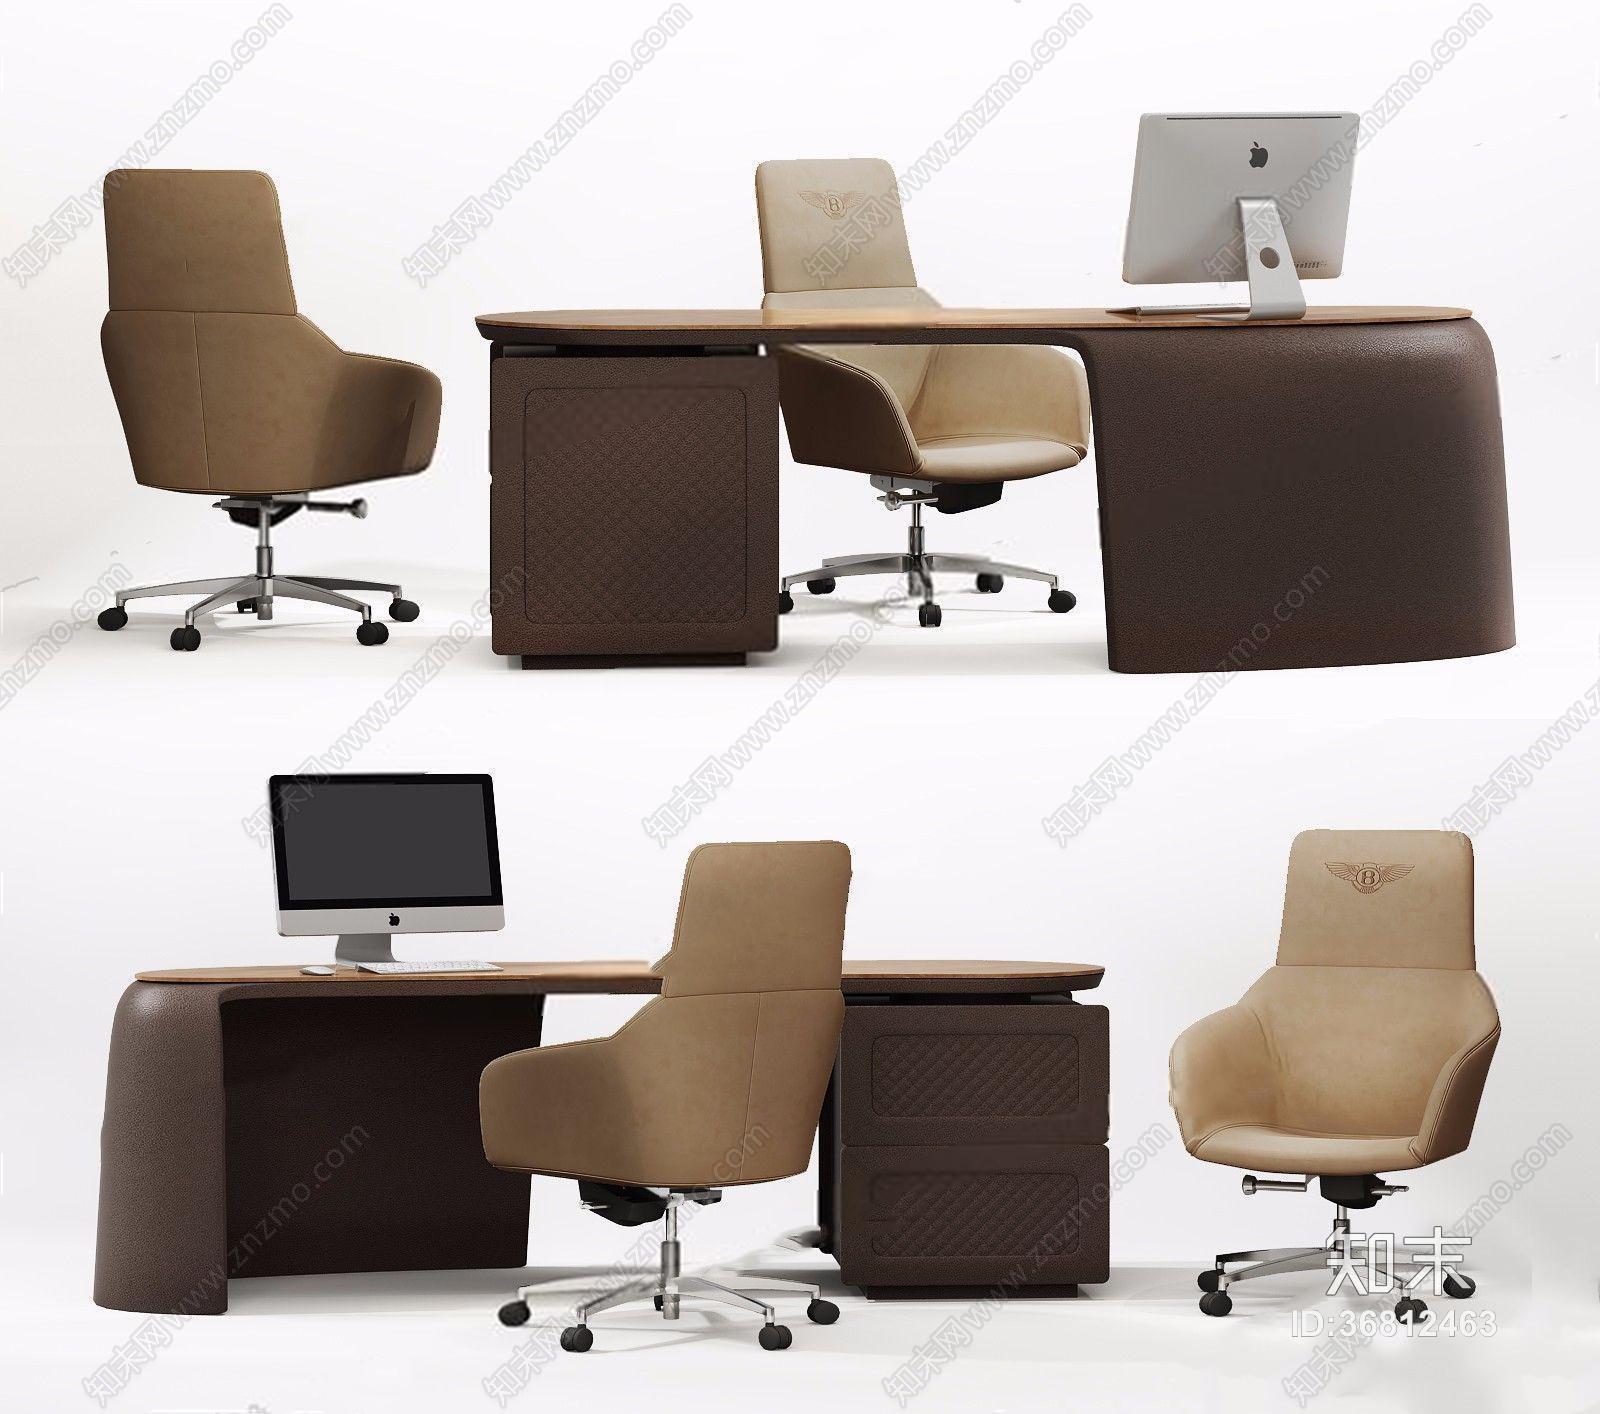 意大利 宾利 Bentley Home 班台办公椅 现代桌椅组合 班台 办公椅 意大利 Bentley Home 宾利